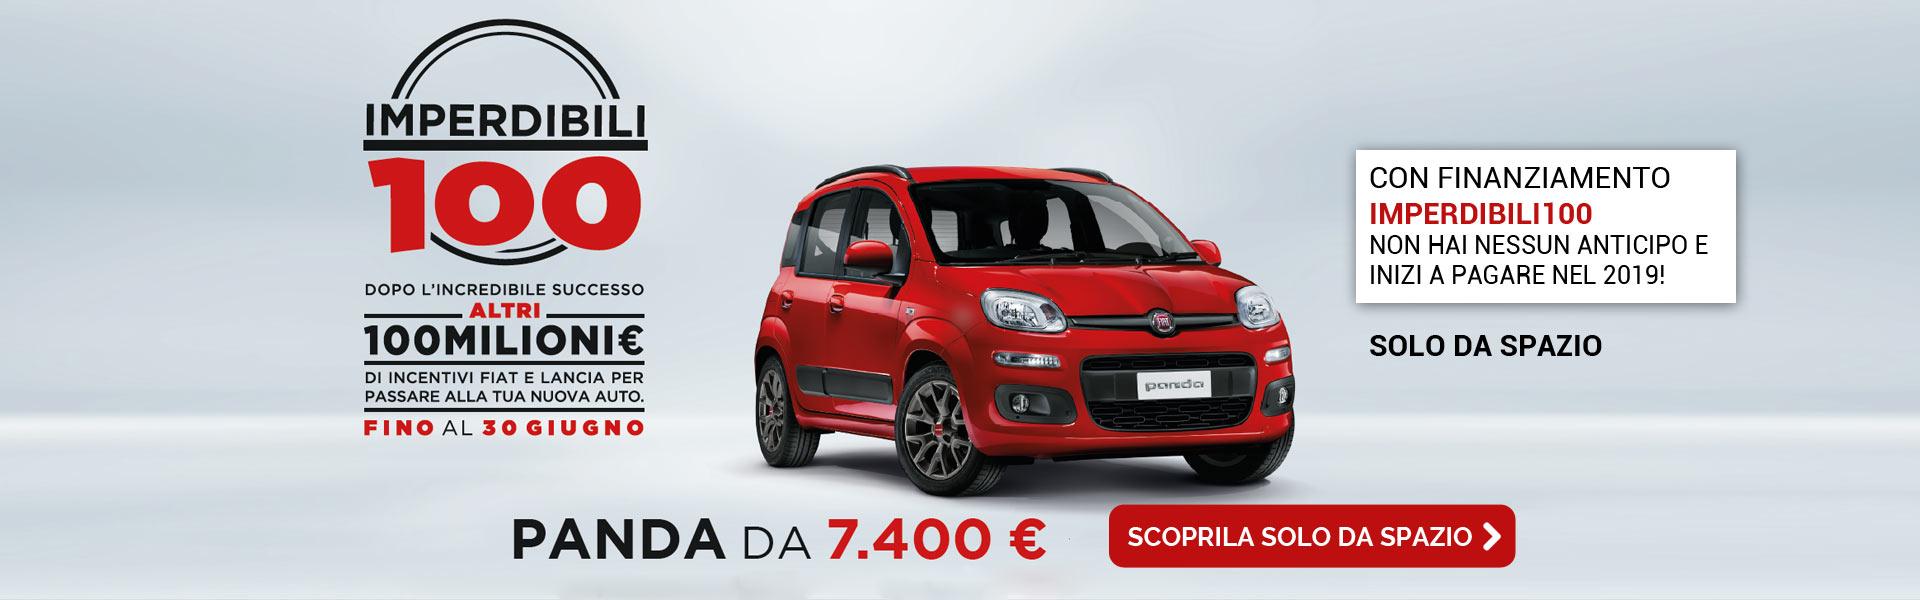 Fiat Panda con finanziamento Imperdibili100